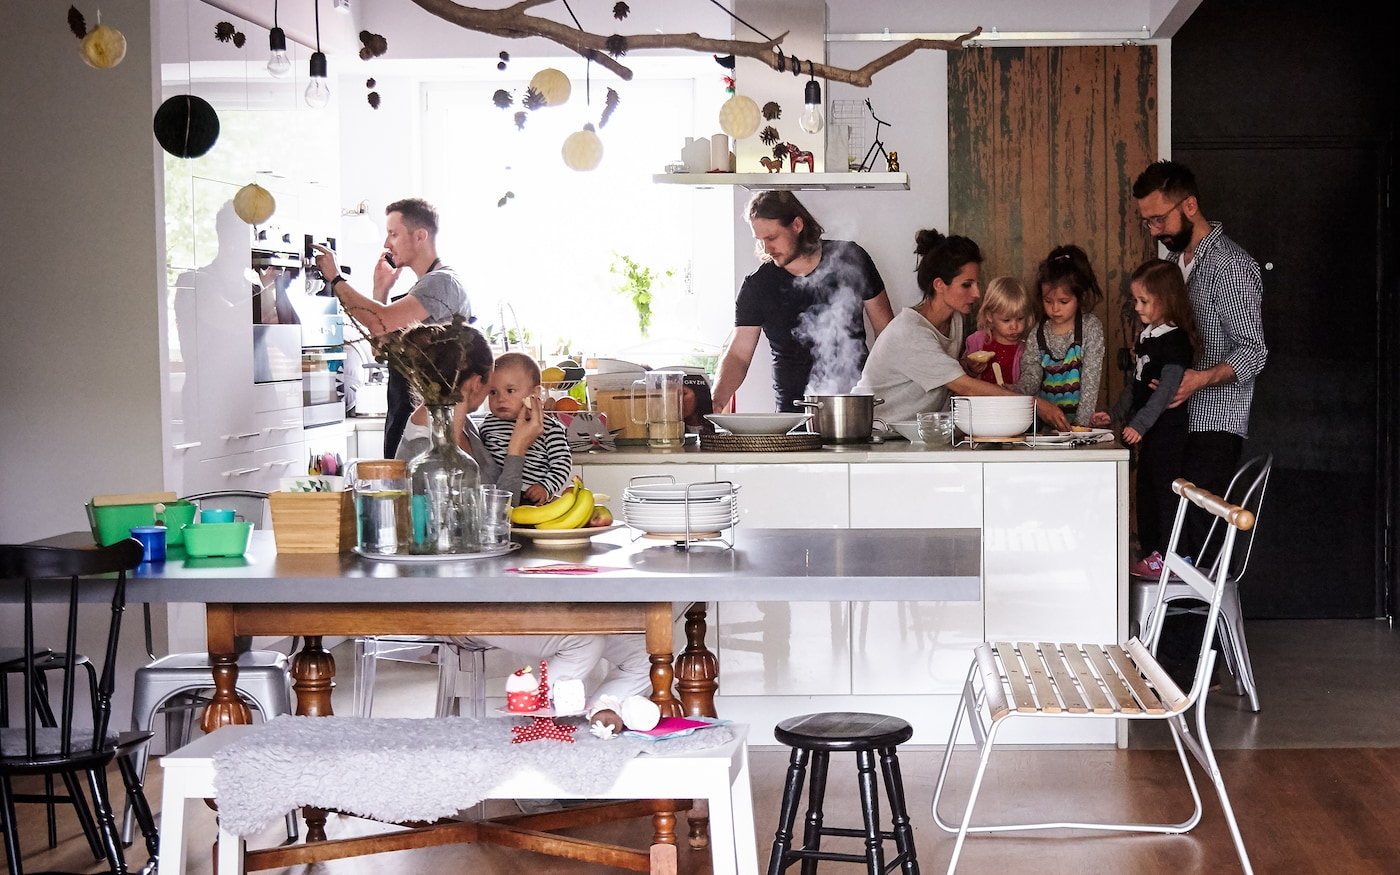 Changez la routine de vos repas avec des dîners cuisinés ensemble.